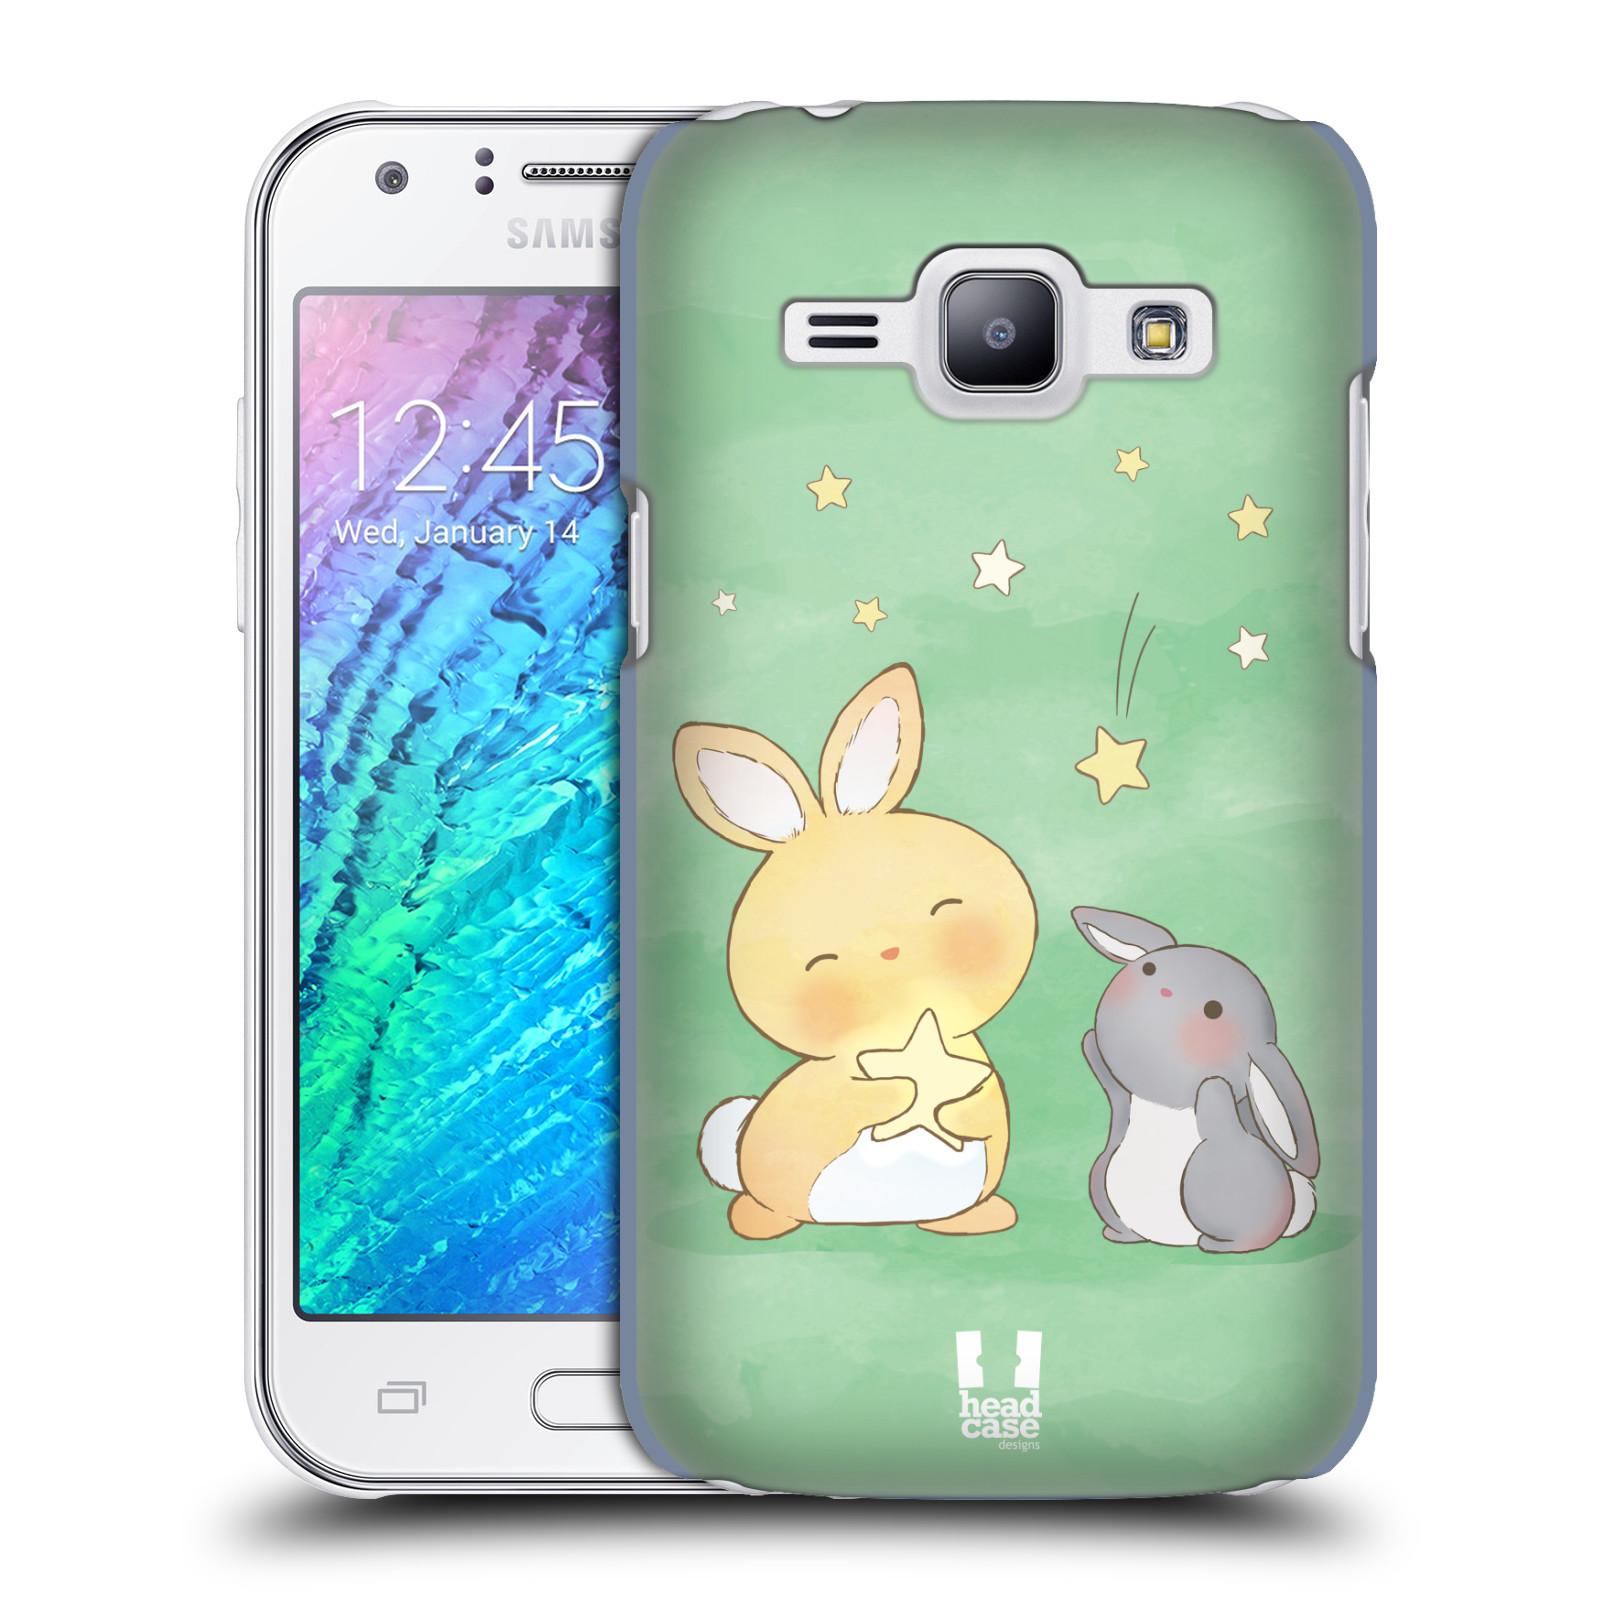 HEAD CASE plastový obal na mobil SAMSUNG Galaxy J1, J100 vzor králíček a hvězdy zelená